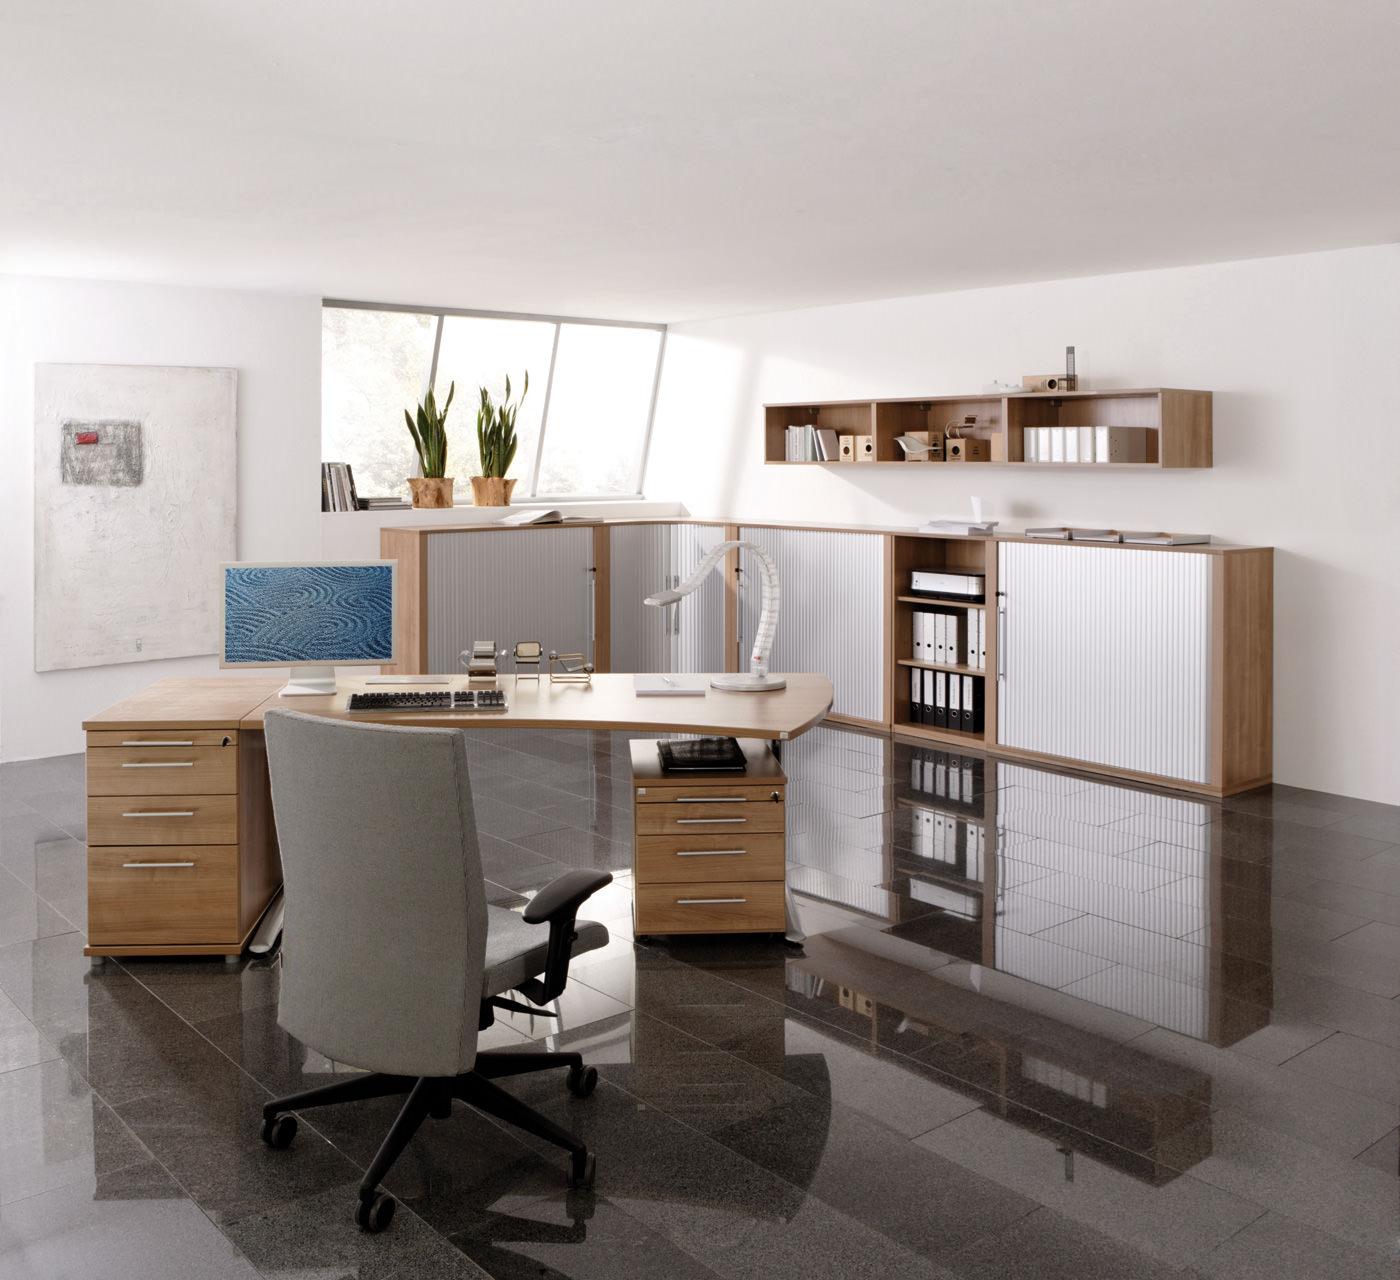 Büromöbel aus Ampfing: Komfortables Arbeiten und Verstauen